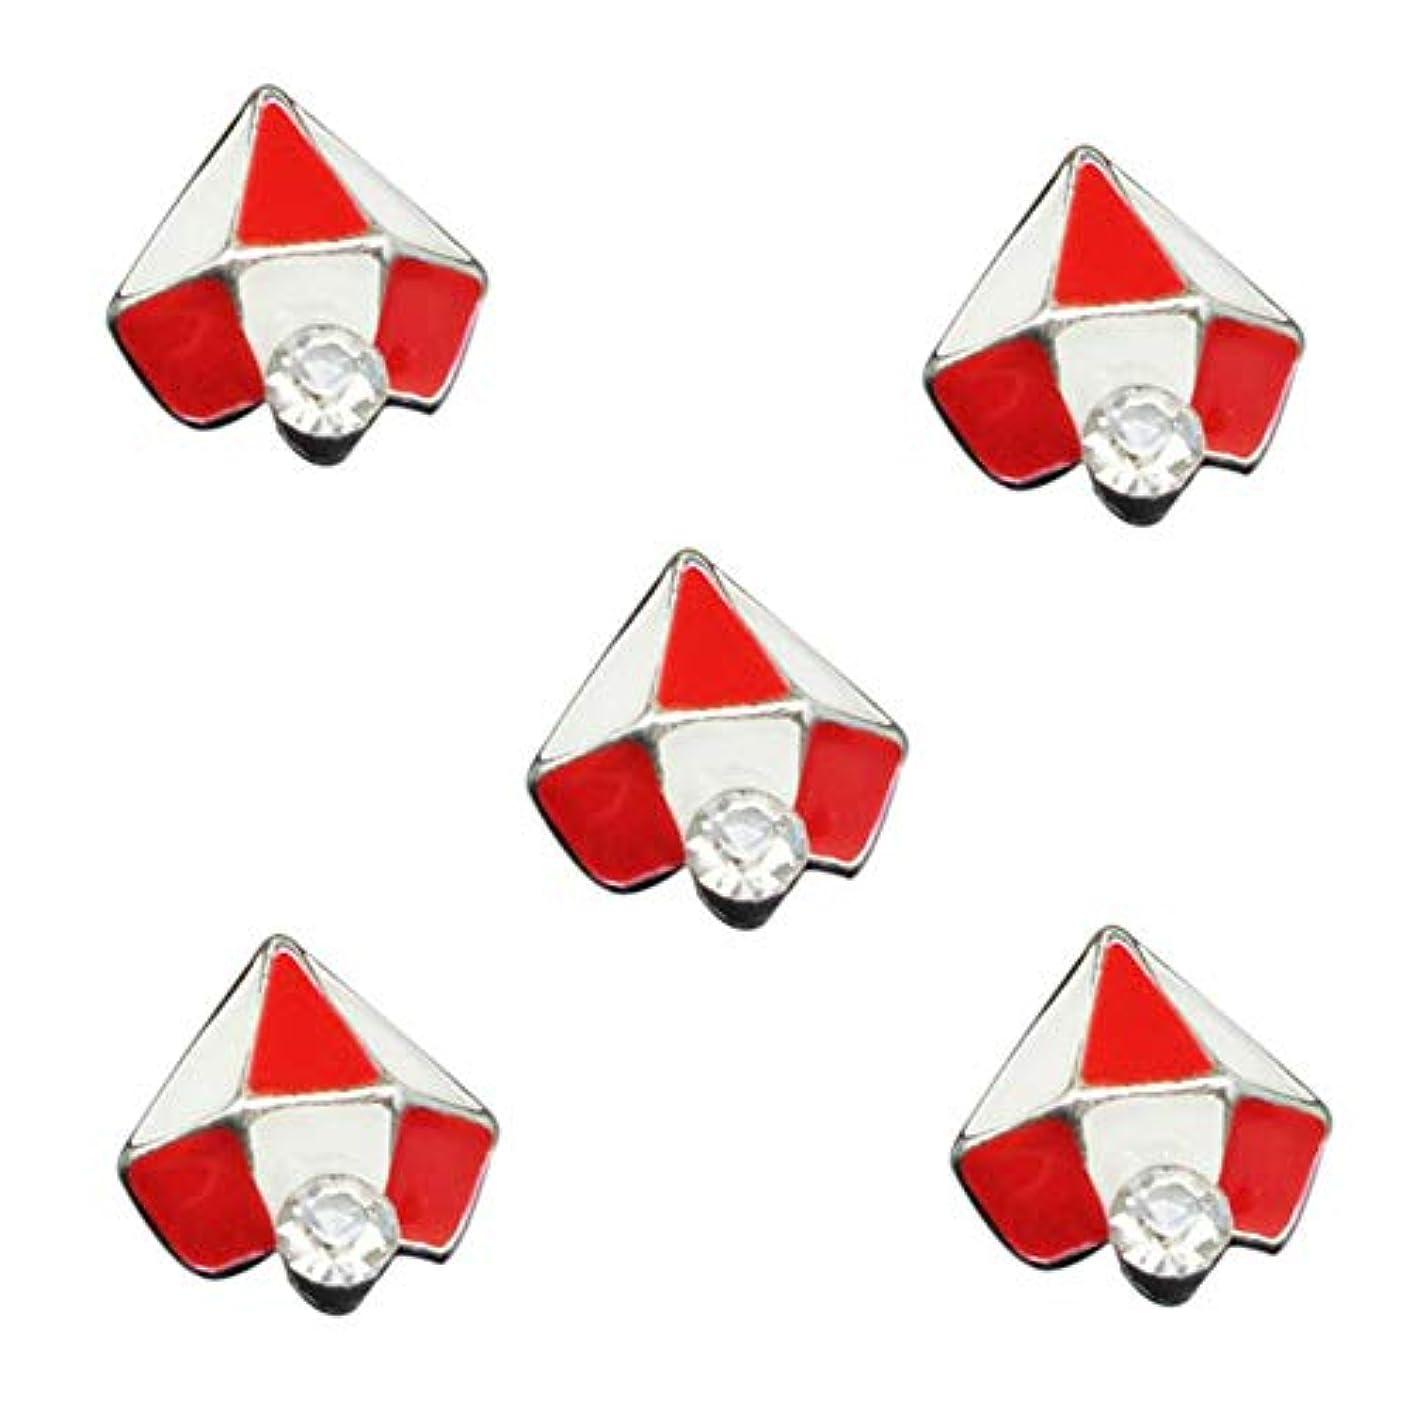 パズル差し控える数学的な10PCSの3Dグリッタージュエリーレッドダイヤモンドデザインネイルアートジェルステッカーの接着剤のラインストーンネイルマニキュアスタイリングツールのために